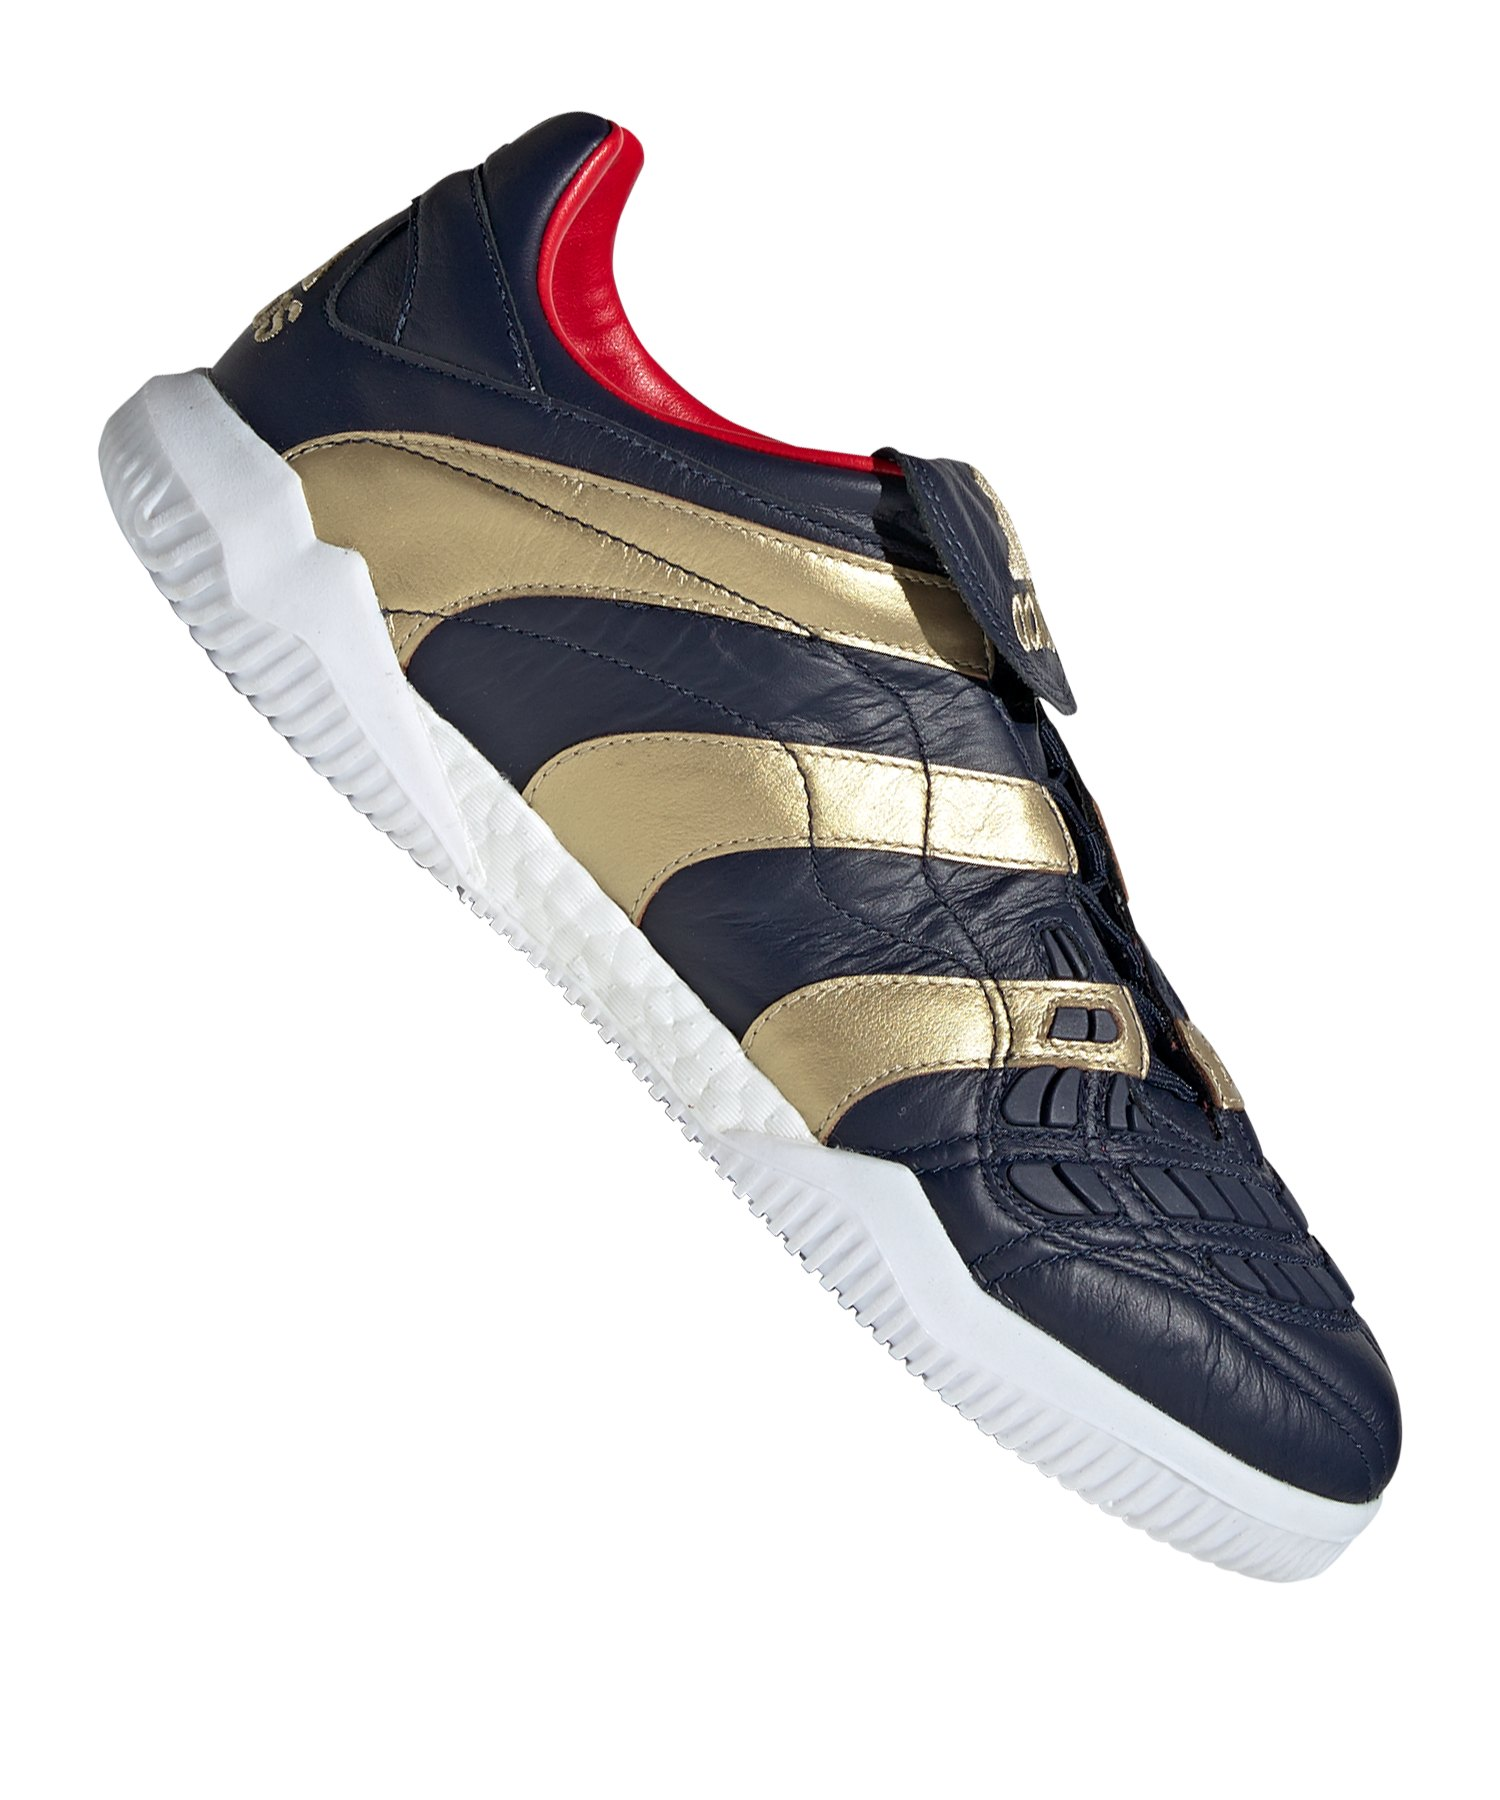 Adidas | Climacool Beckham Schuhe Weiß Blau Vereinigte